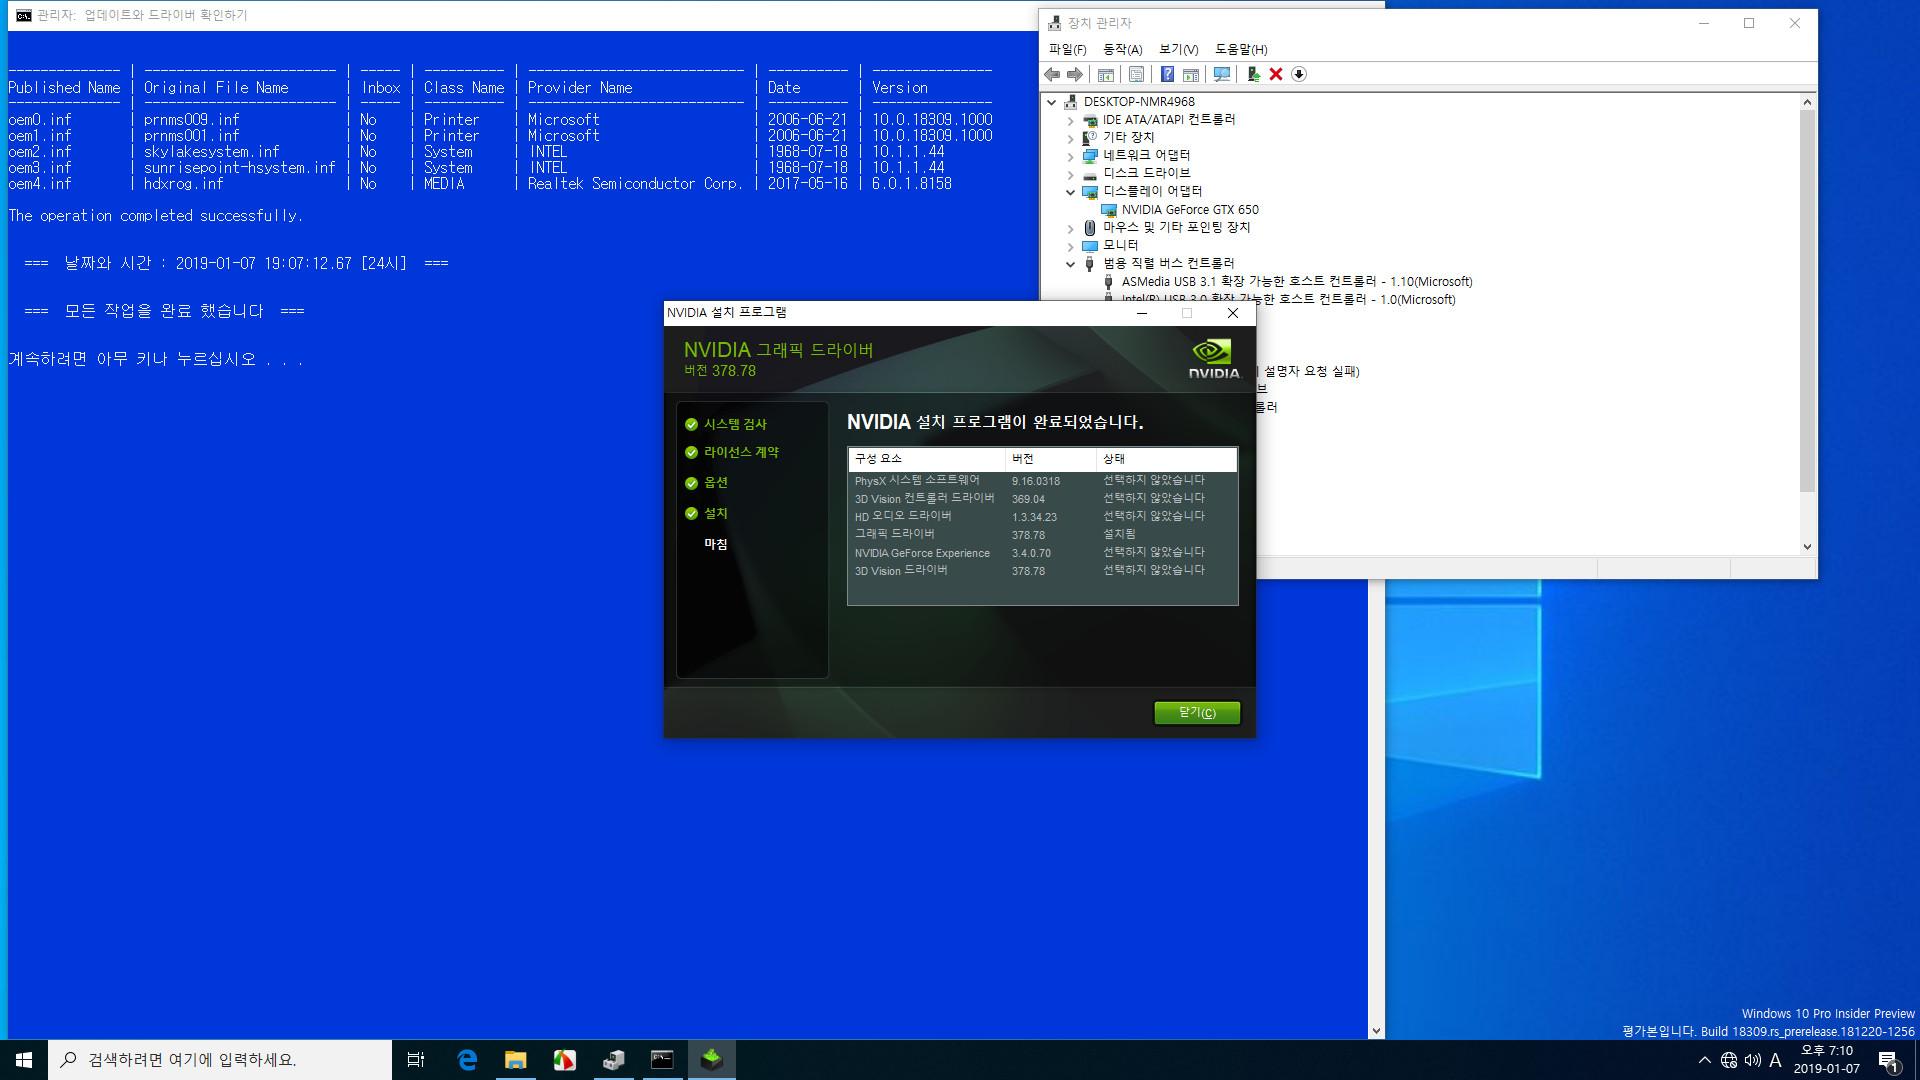 윈도10 19H1 인사이더 프리뷰 18309.1000 빌드 나왔네요 - 실컴에서 Windows Sandbox 테스트 - 어떤 드라이버가 충돌을 일으키는지 확인 테스트4 [윈도에 내장된 랜드라이버 제거] - 3번째 for 구문과 사용권한 획득으로 내장 랜 드라이버들 삭제 성공함 2019-01-07_191040.jpg